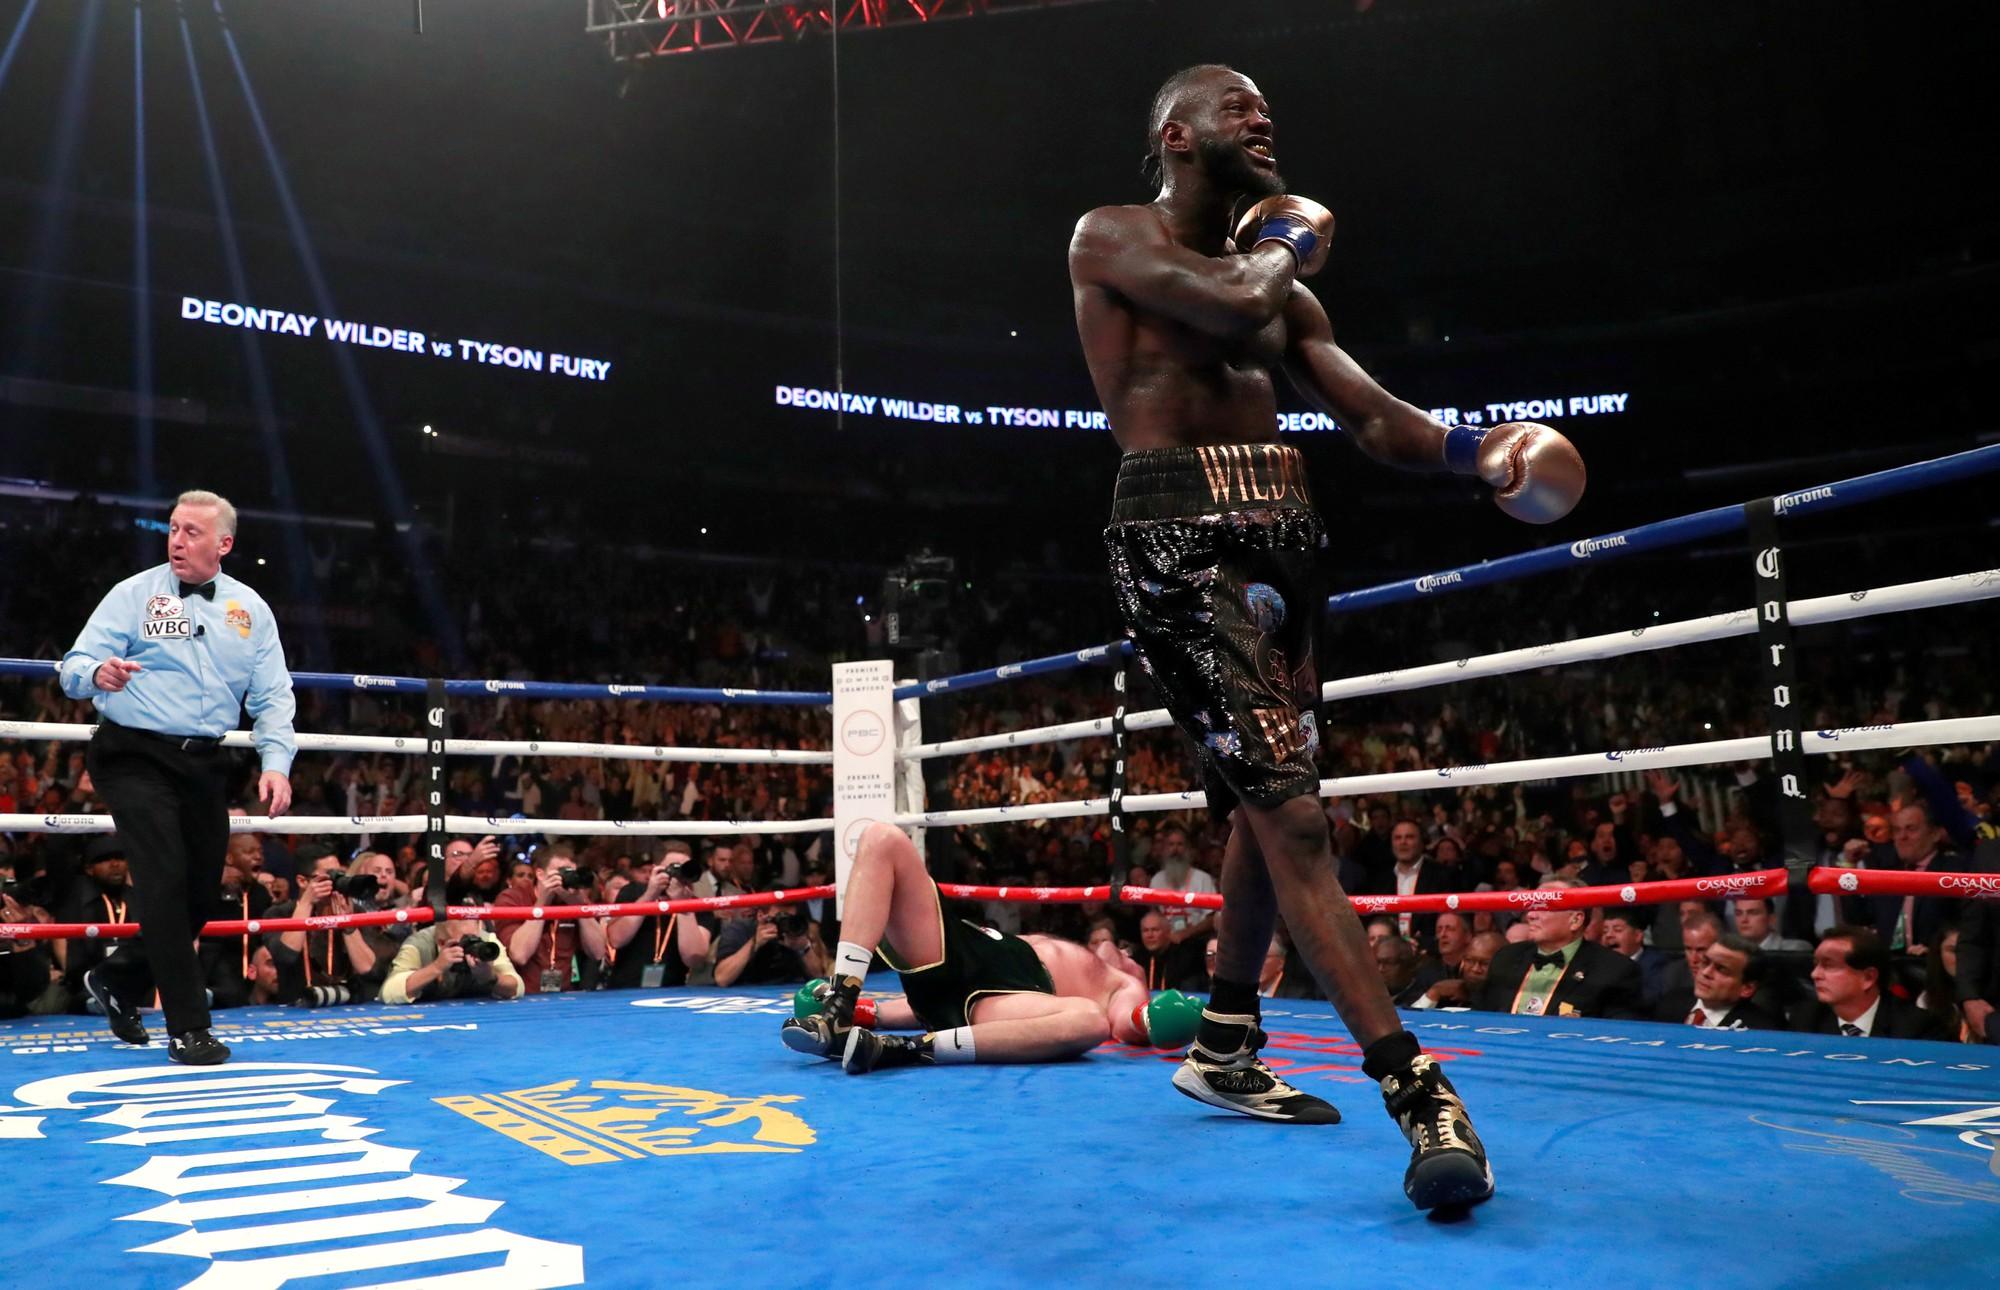 Trang bình luận Boxingscene chấm Tyson Fury thắng rõ rệt trước Deontay Wilder - Ảnh 4.